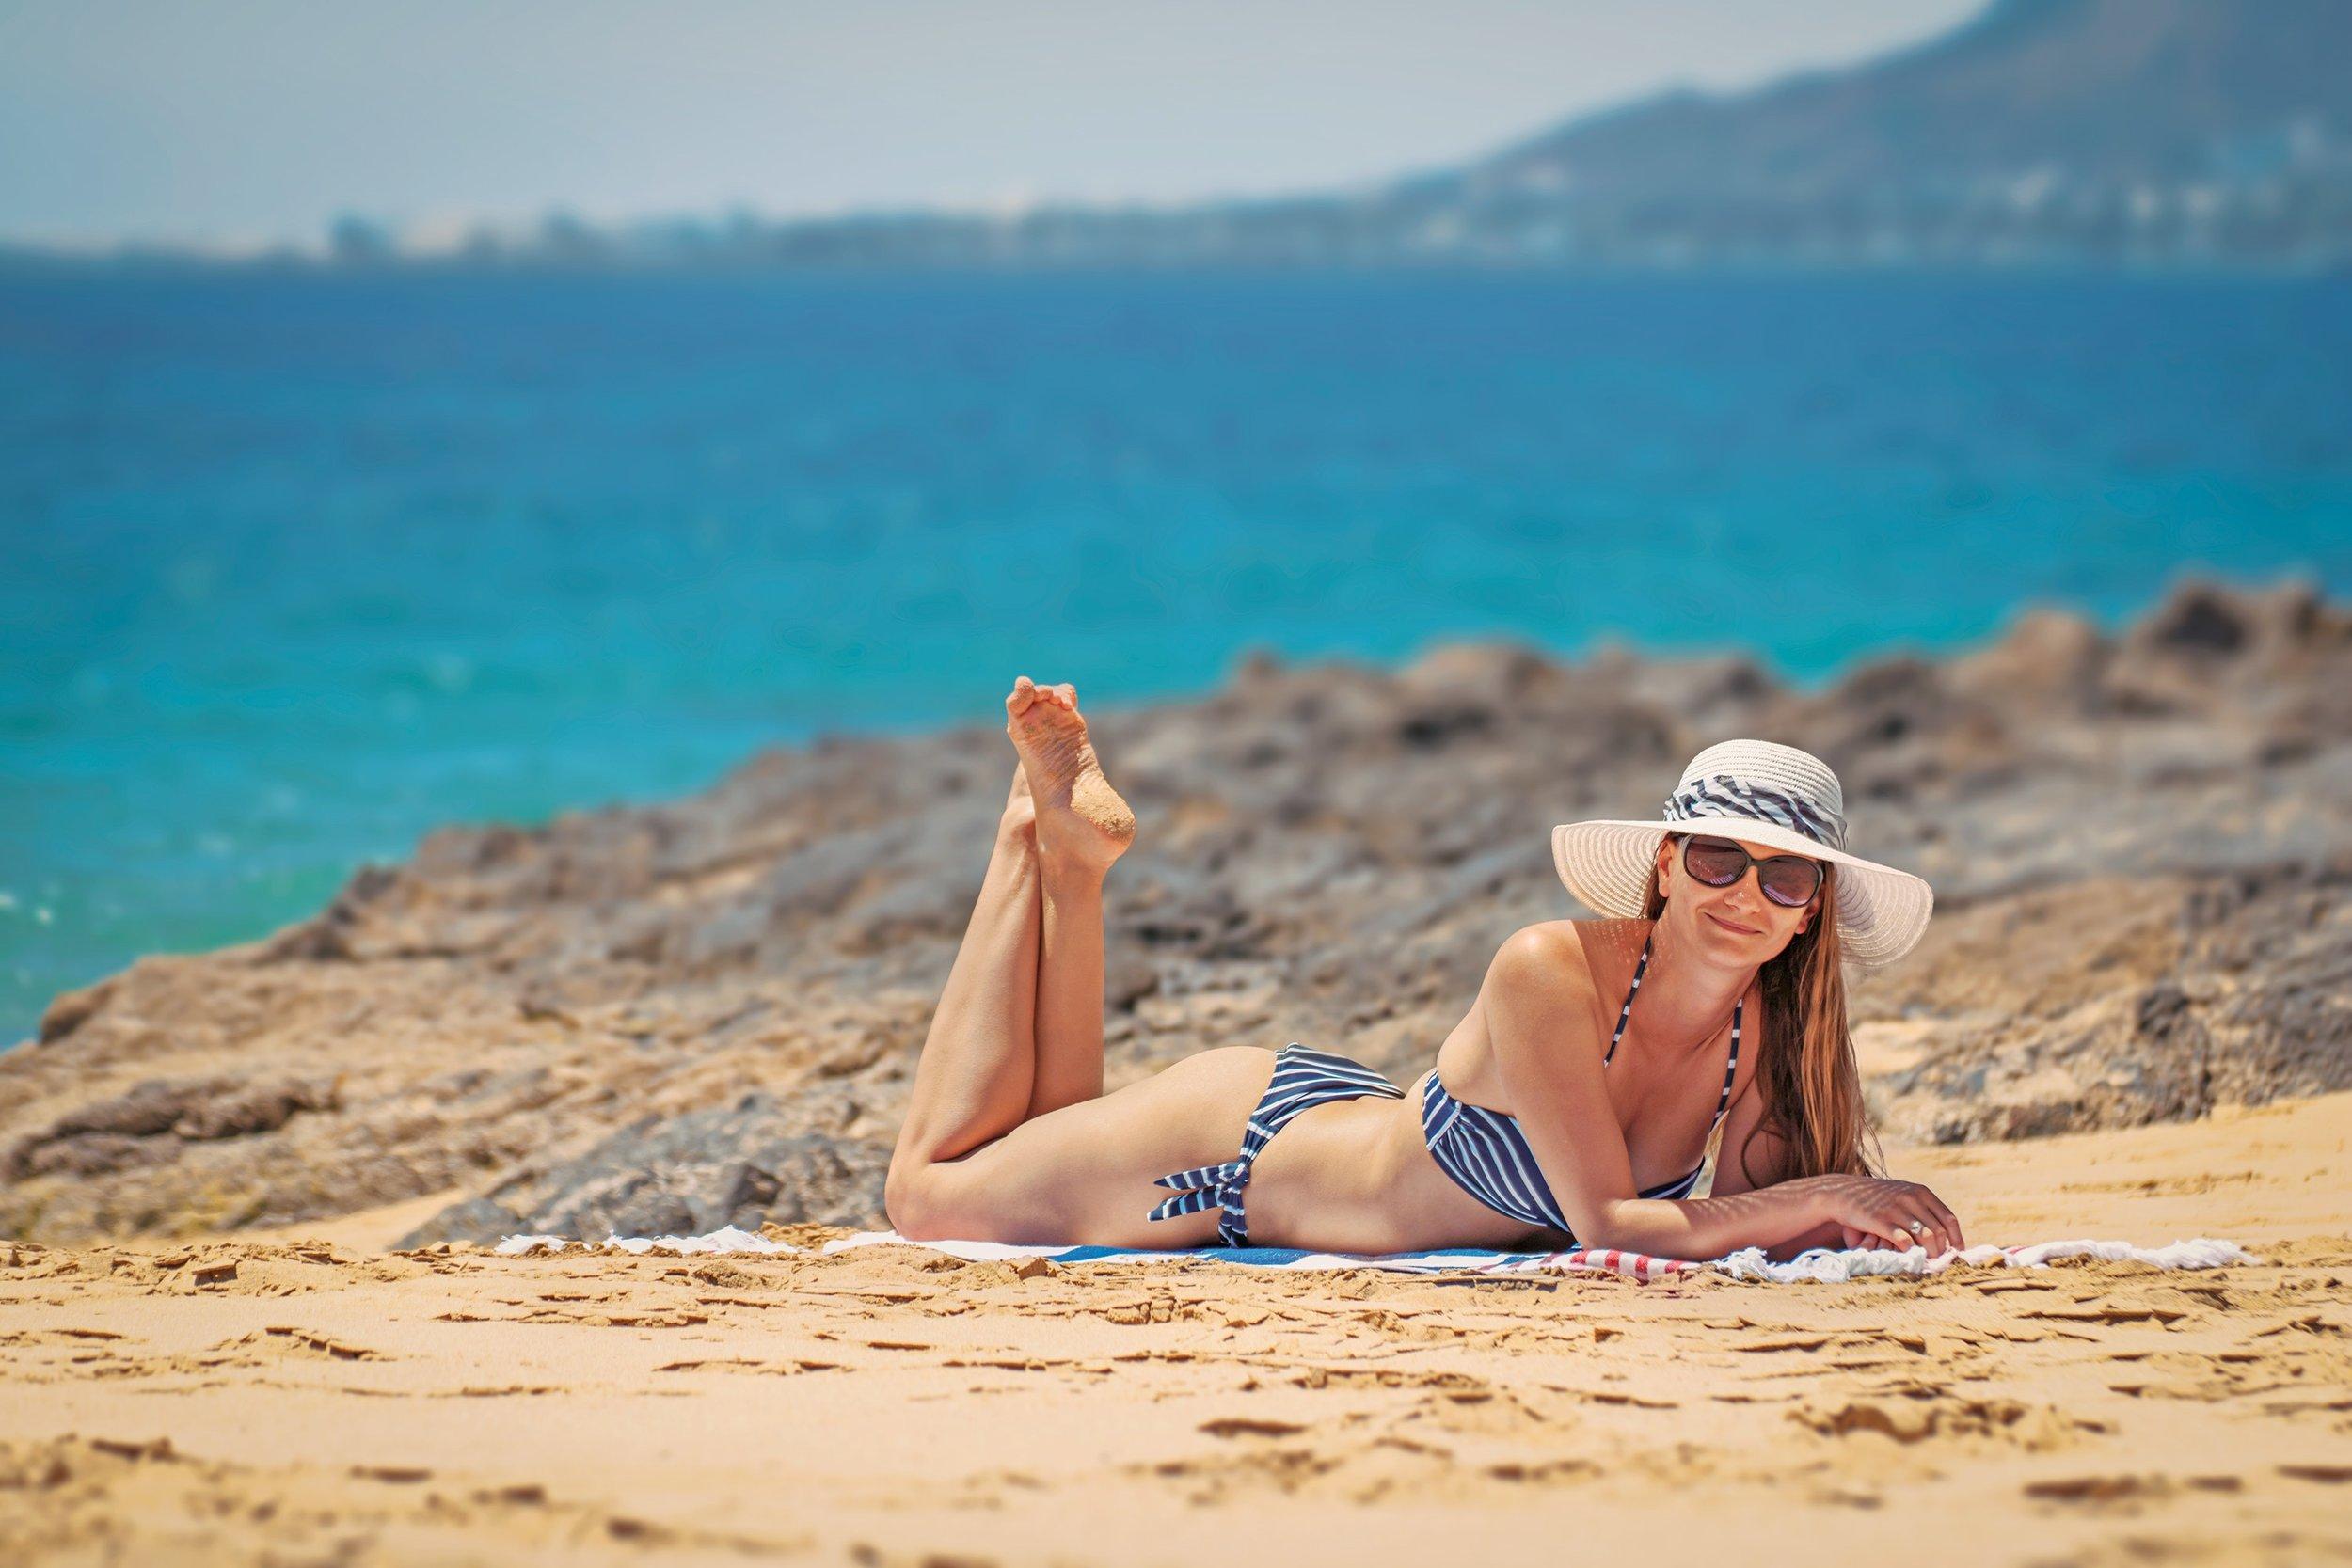 110 beach-bikini-daylight-945901.jpg